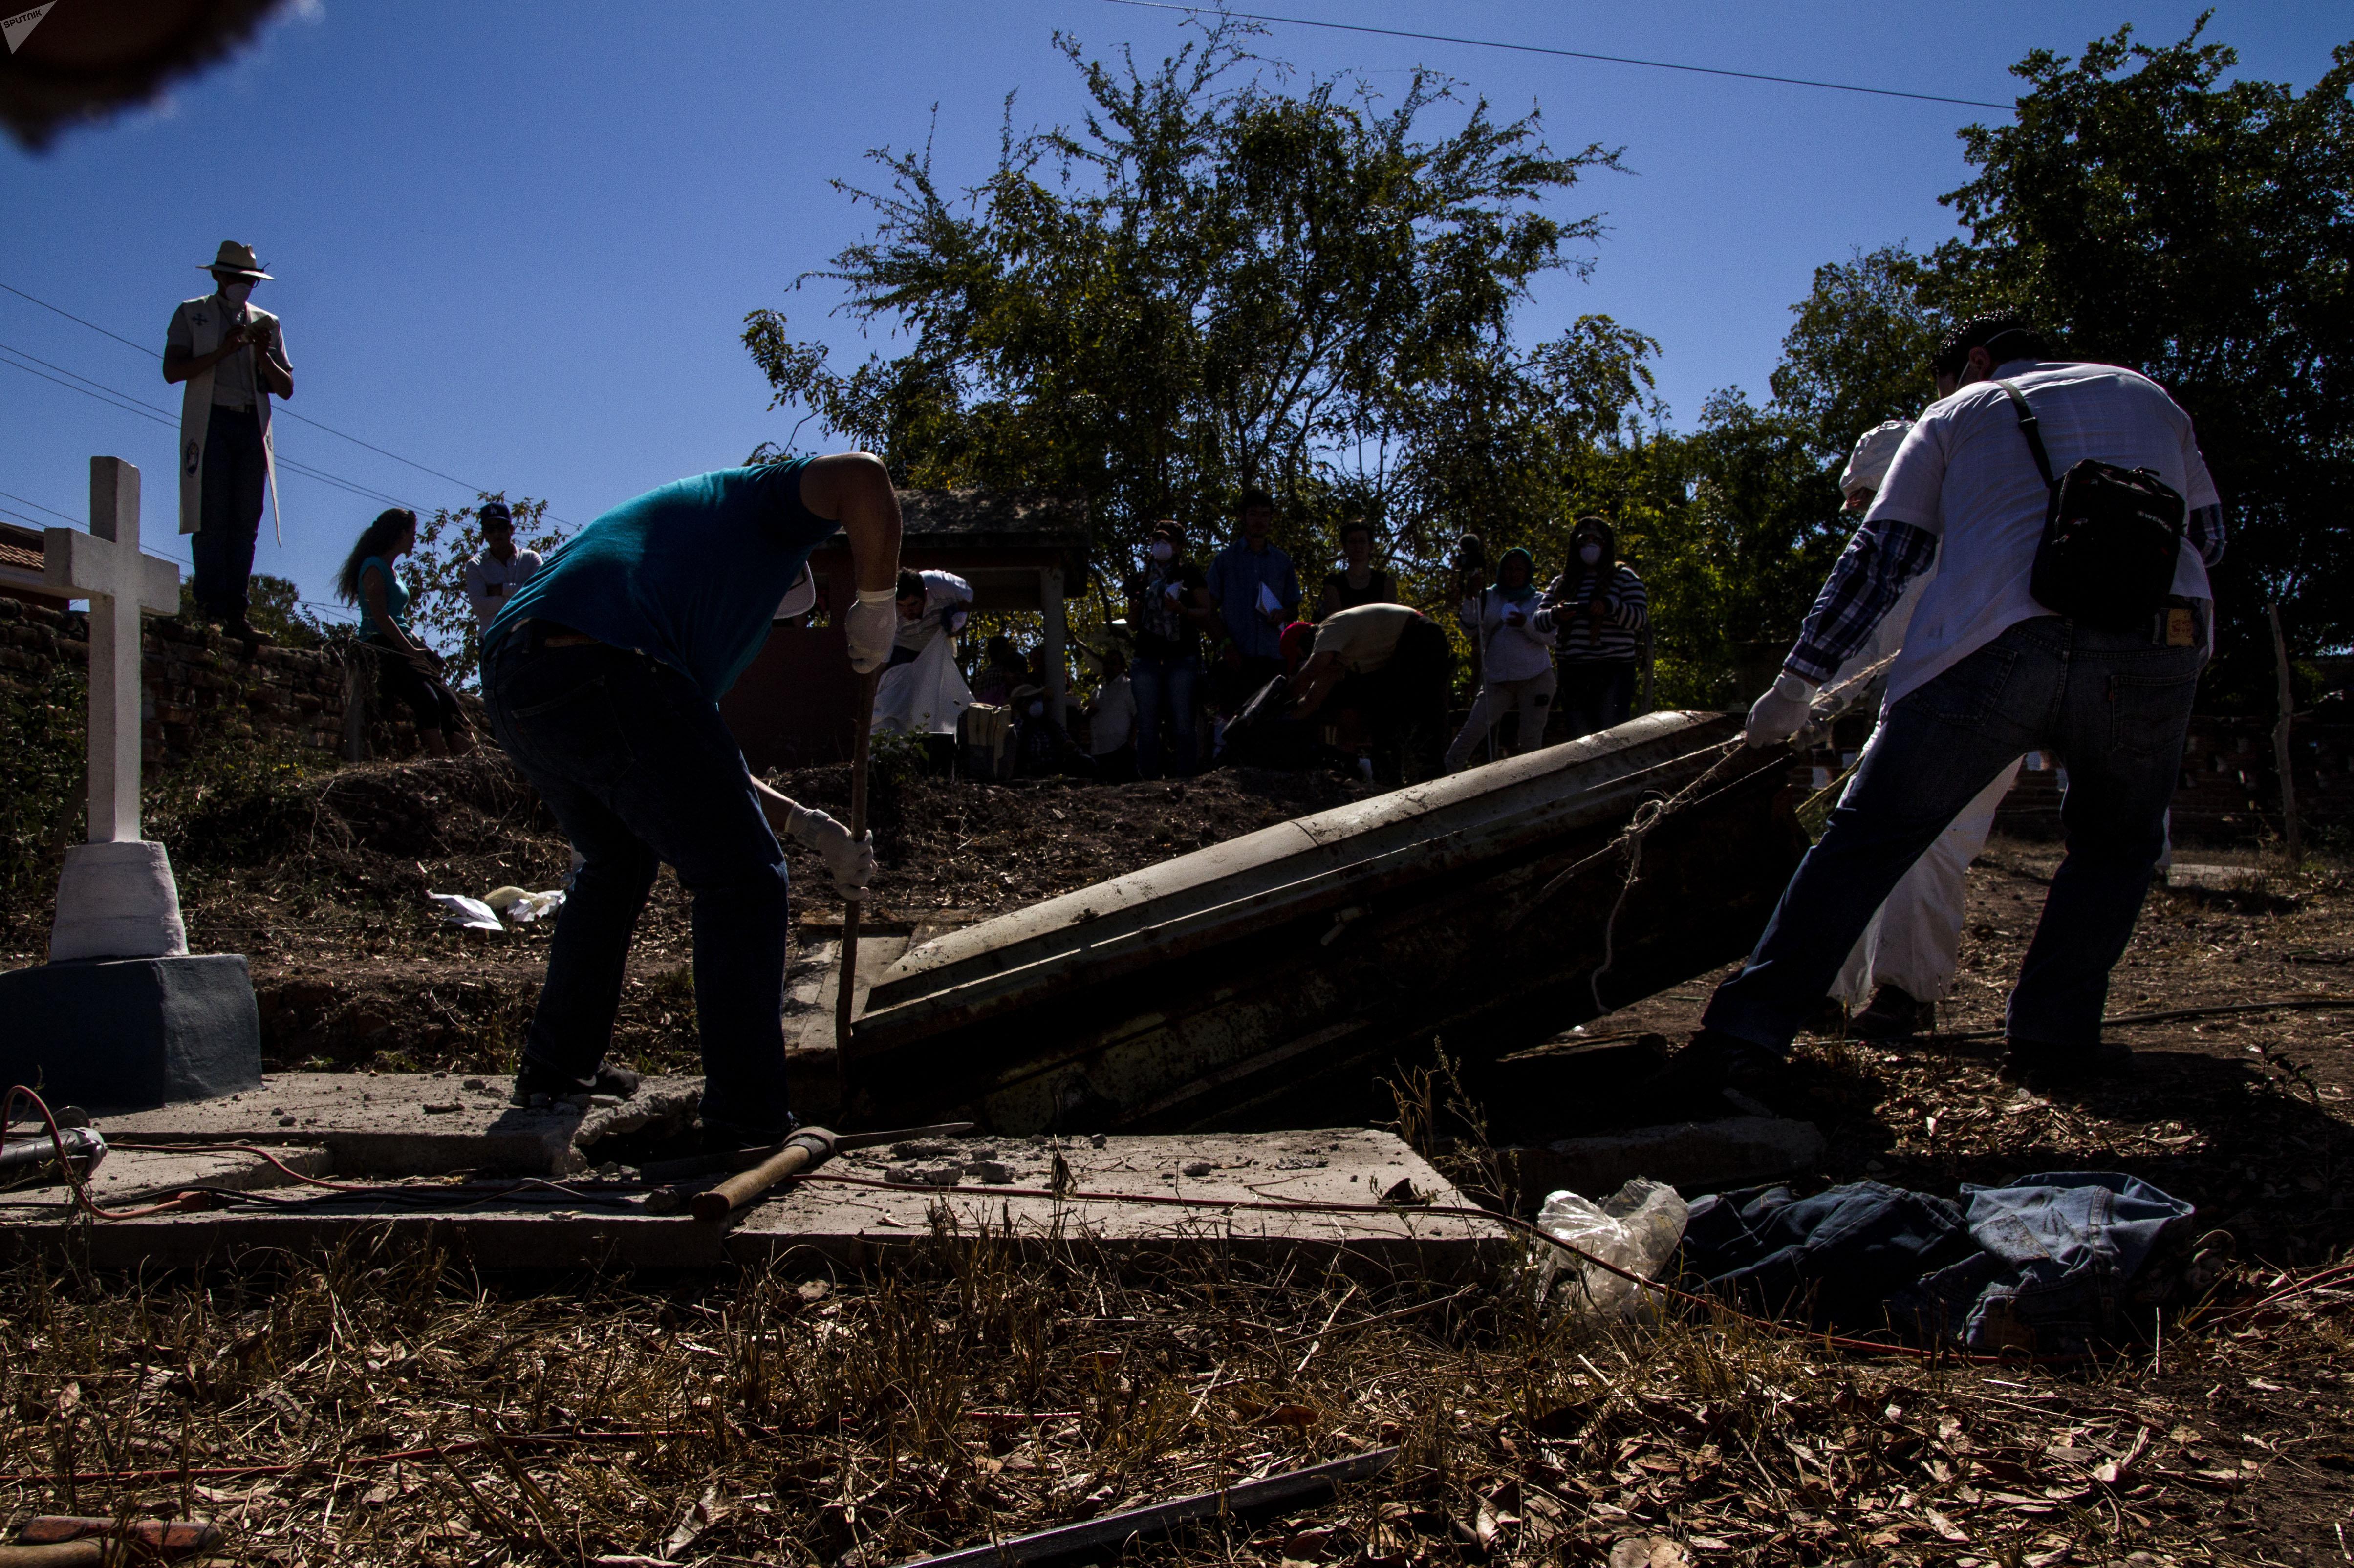 Exhumación de una fosa común en Sinaloa a pedido de las familias, de un cuerpo sepultado erróneamente y desaparecido por funcionarios del Estado mexicano